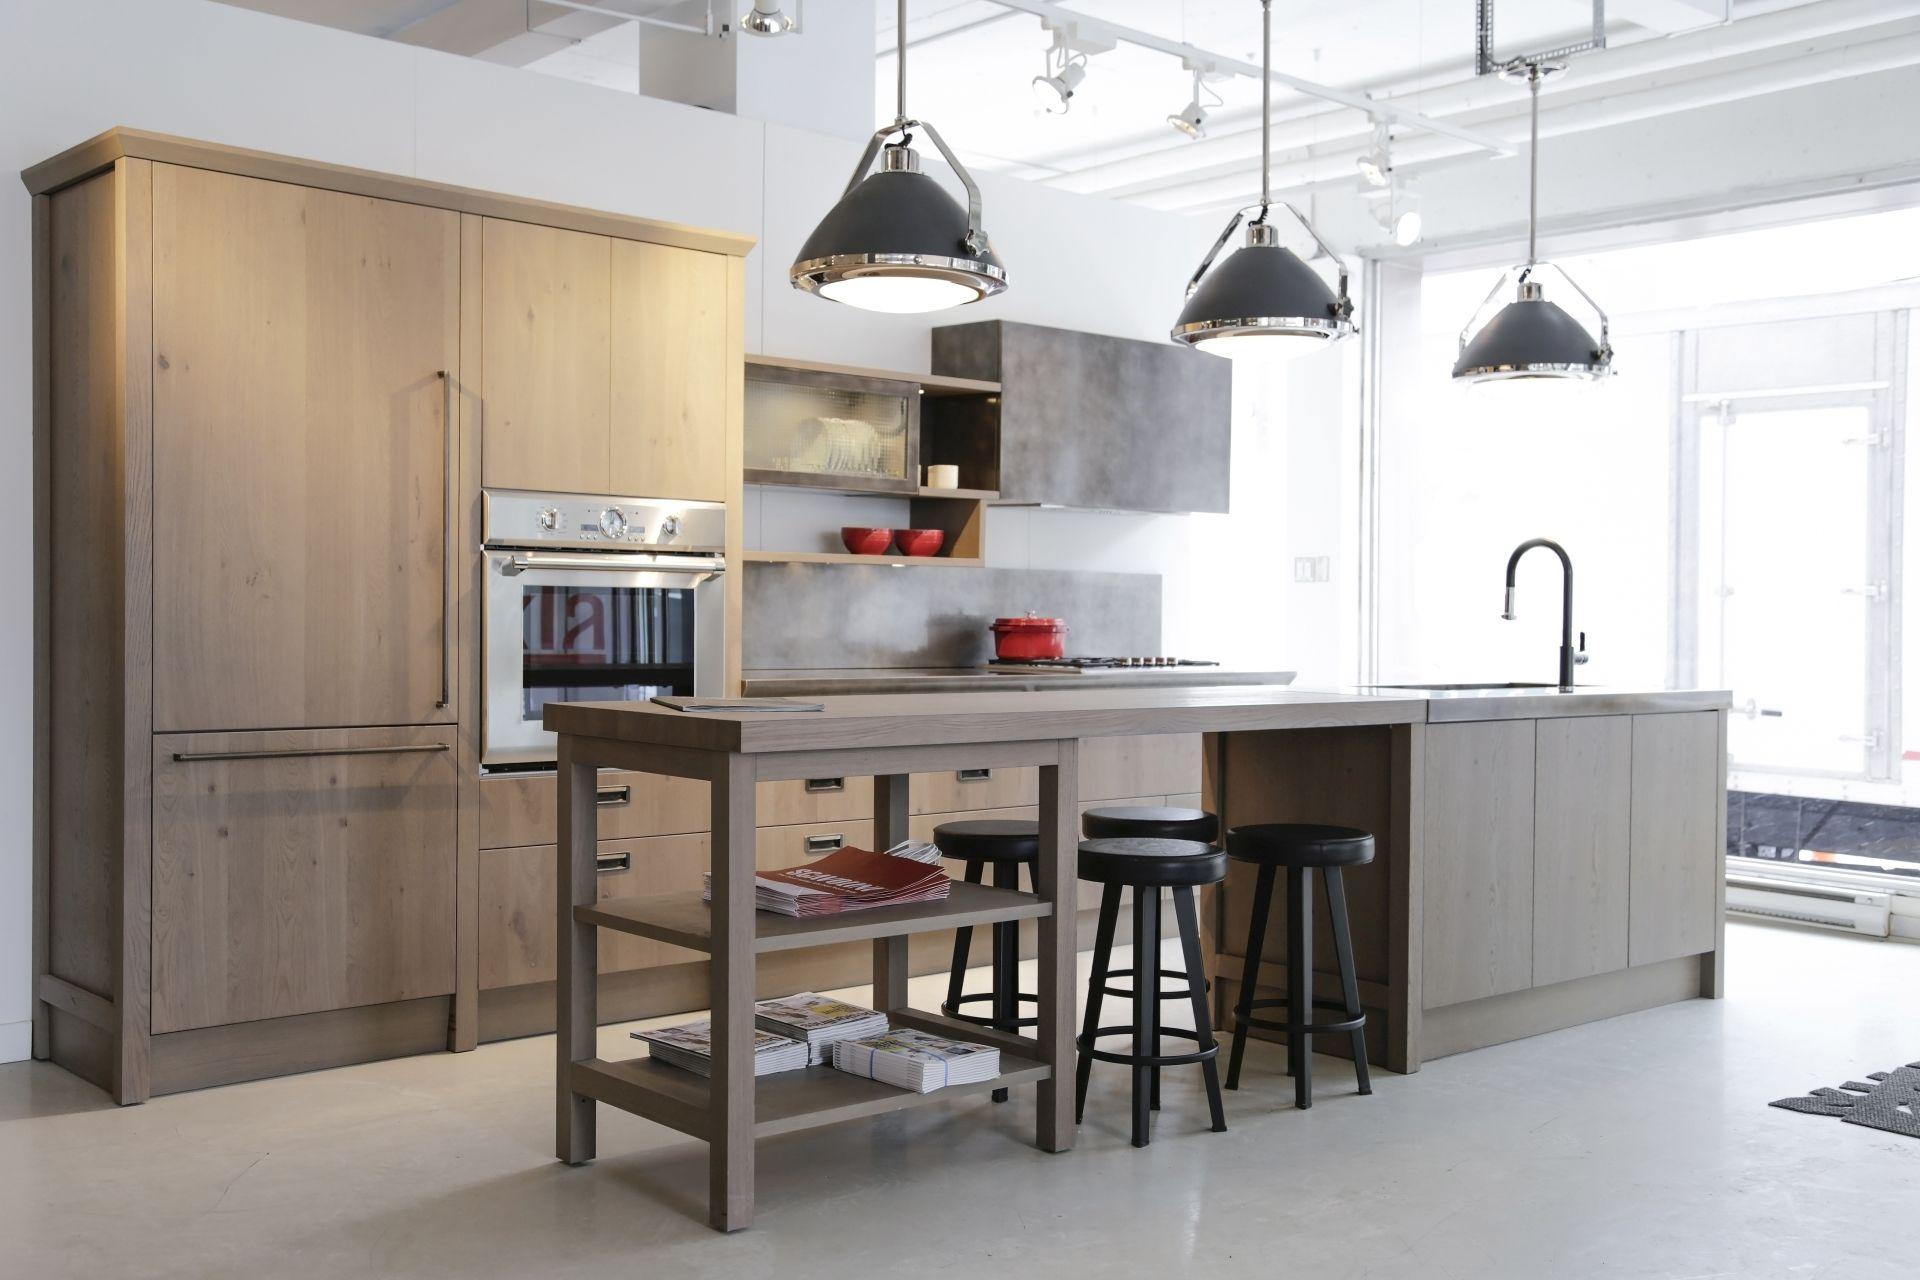 Scavolini - Diesel kitchen   Our showroom in Toronto   Pinterest   Küche